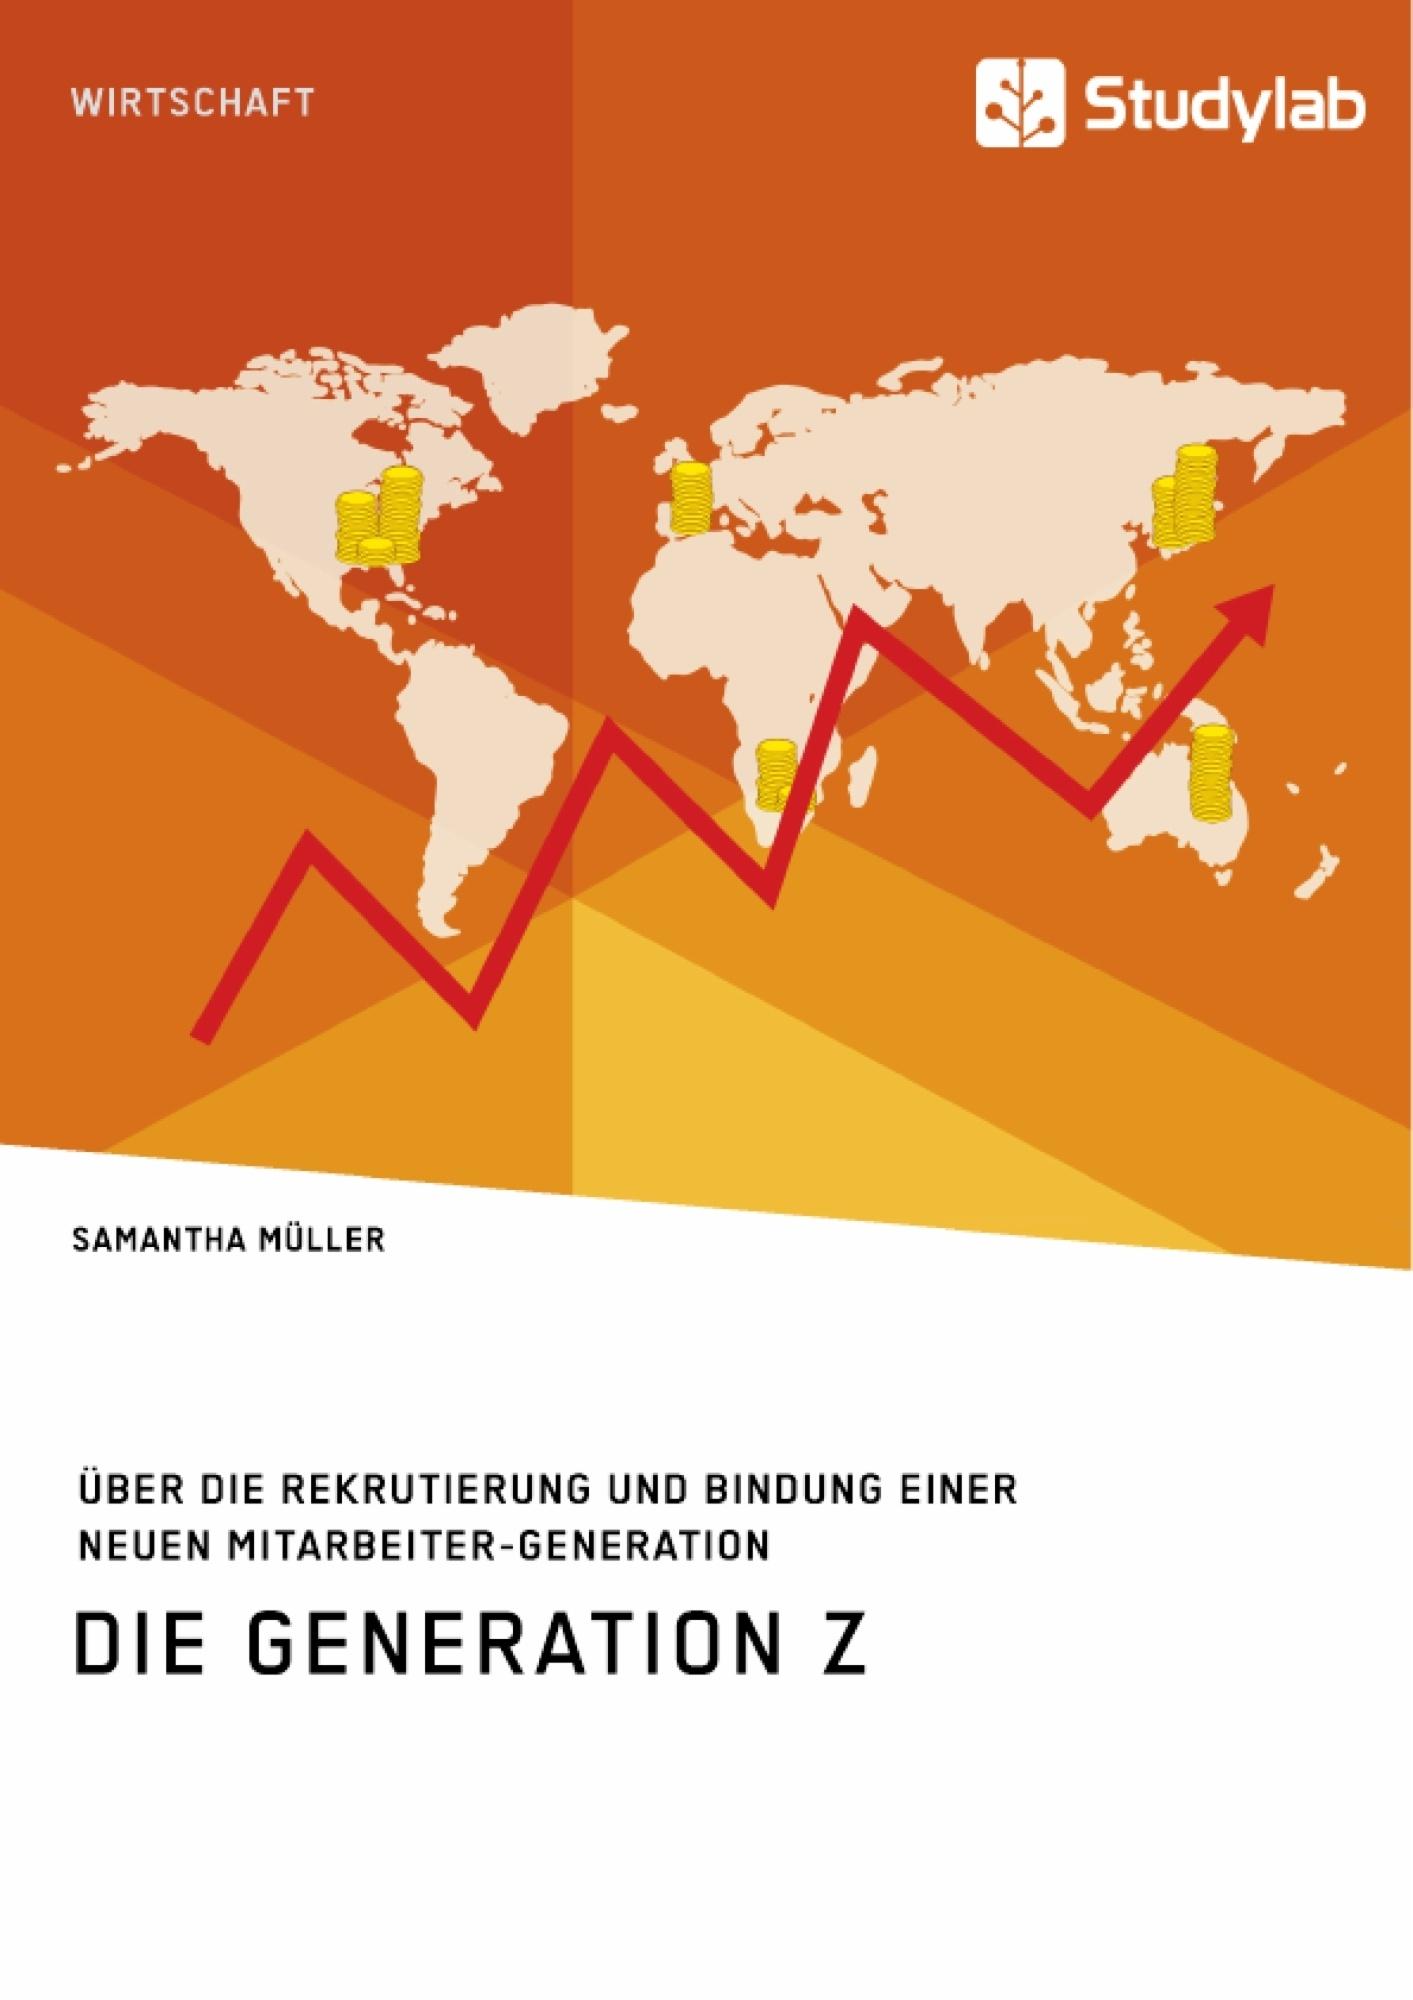 Titel: Die Generation Z. Über die Rekrutierung und Bindung einer neuen Mitarbeiter-Generation